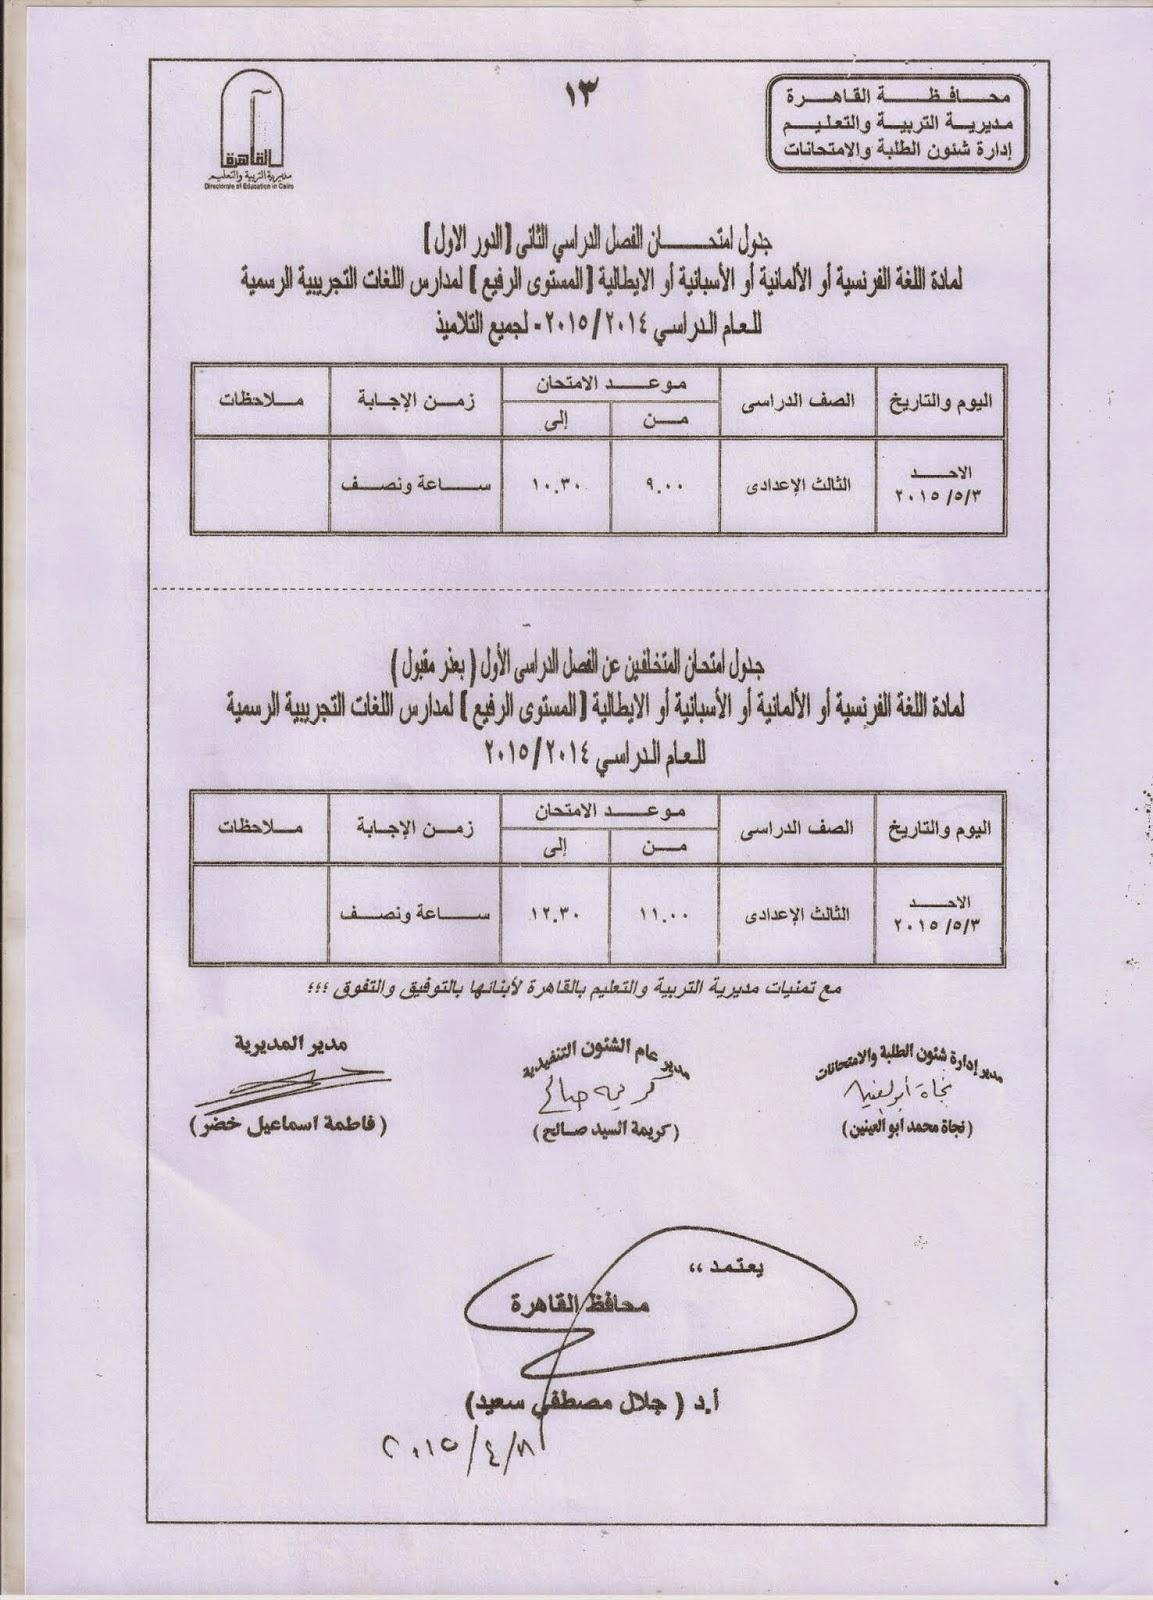 جداول امتحانات القاهرة المستوى الرفيع كل الفرق2015 أخر العام رفيع.jpg